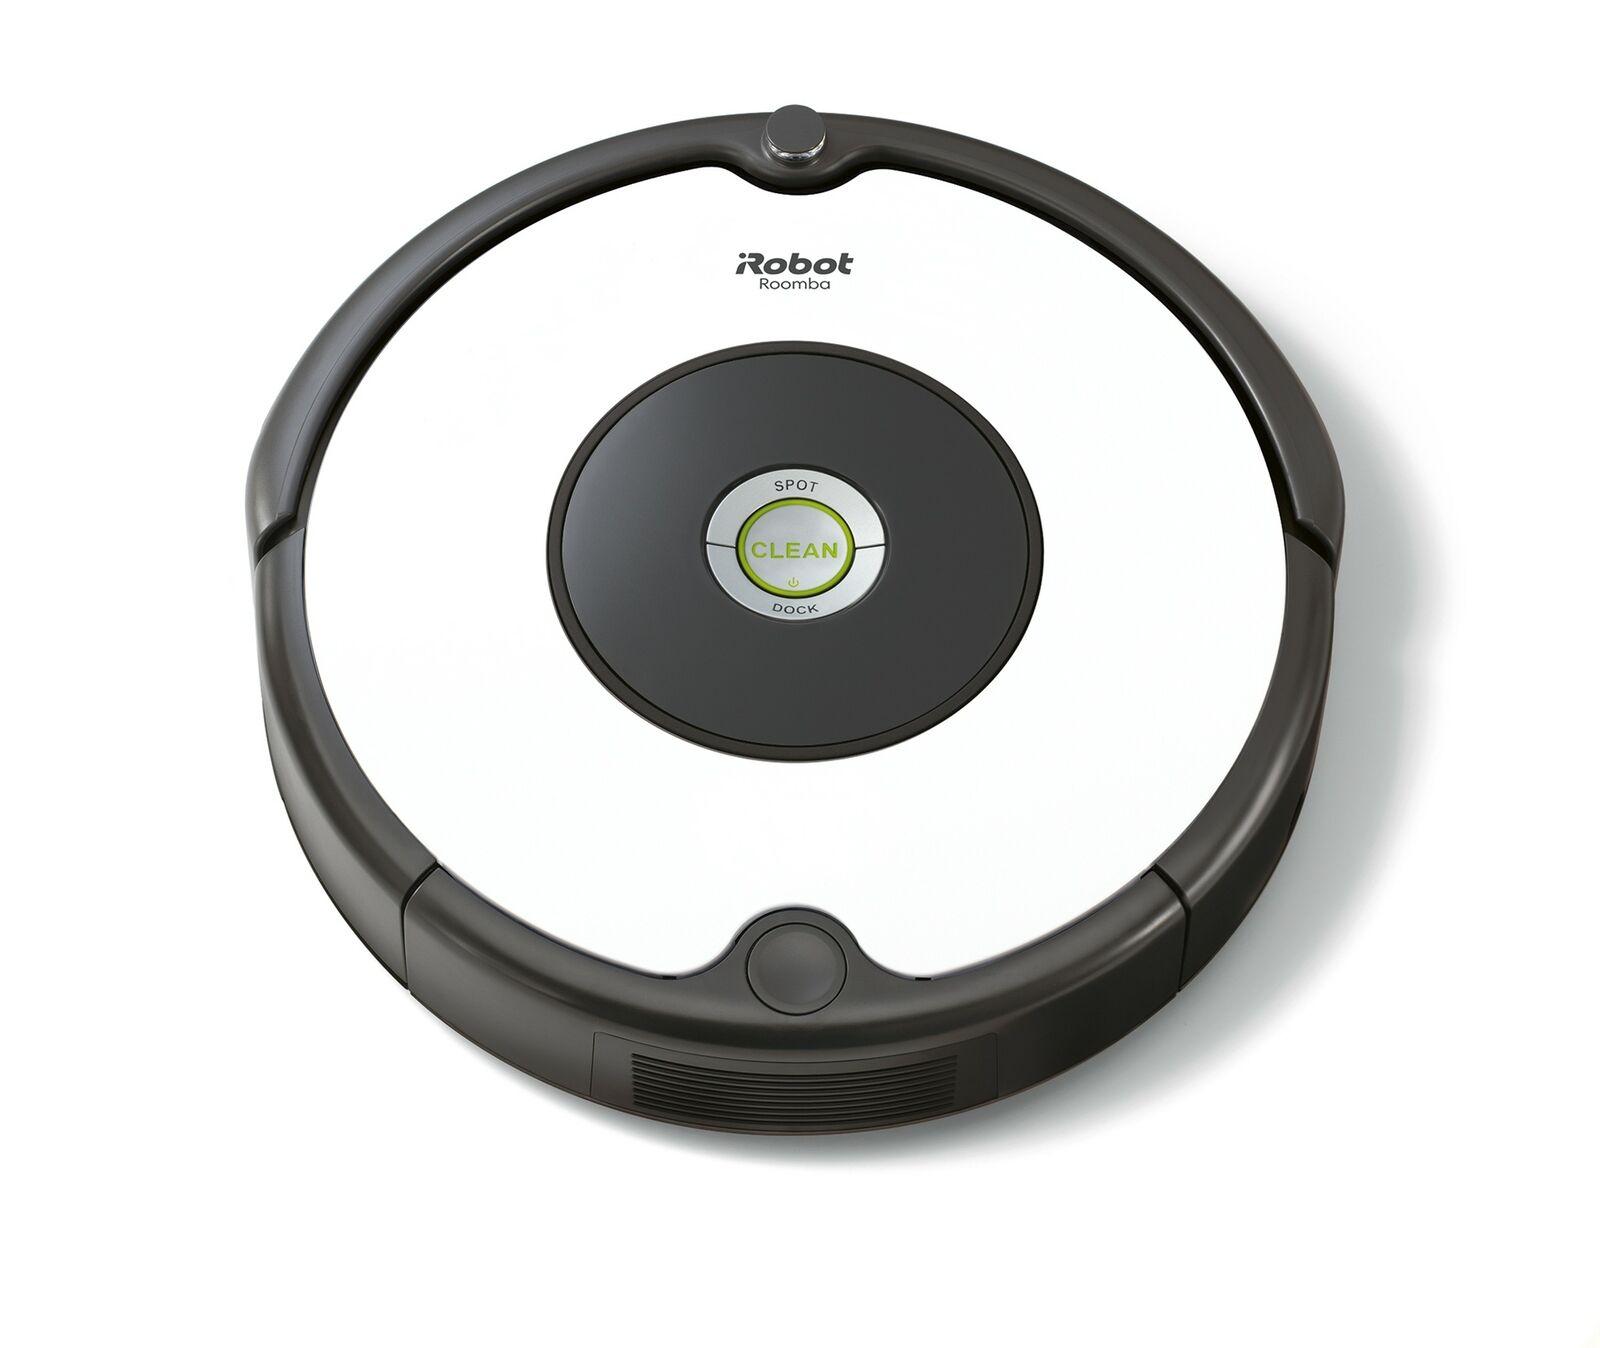 iRobot Roomba 605 Saugroboter - inkl. Herstellergarantie - Vom Hersteller generalüberholt